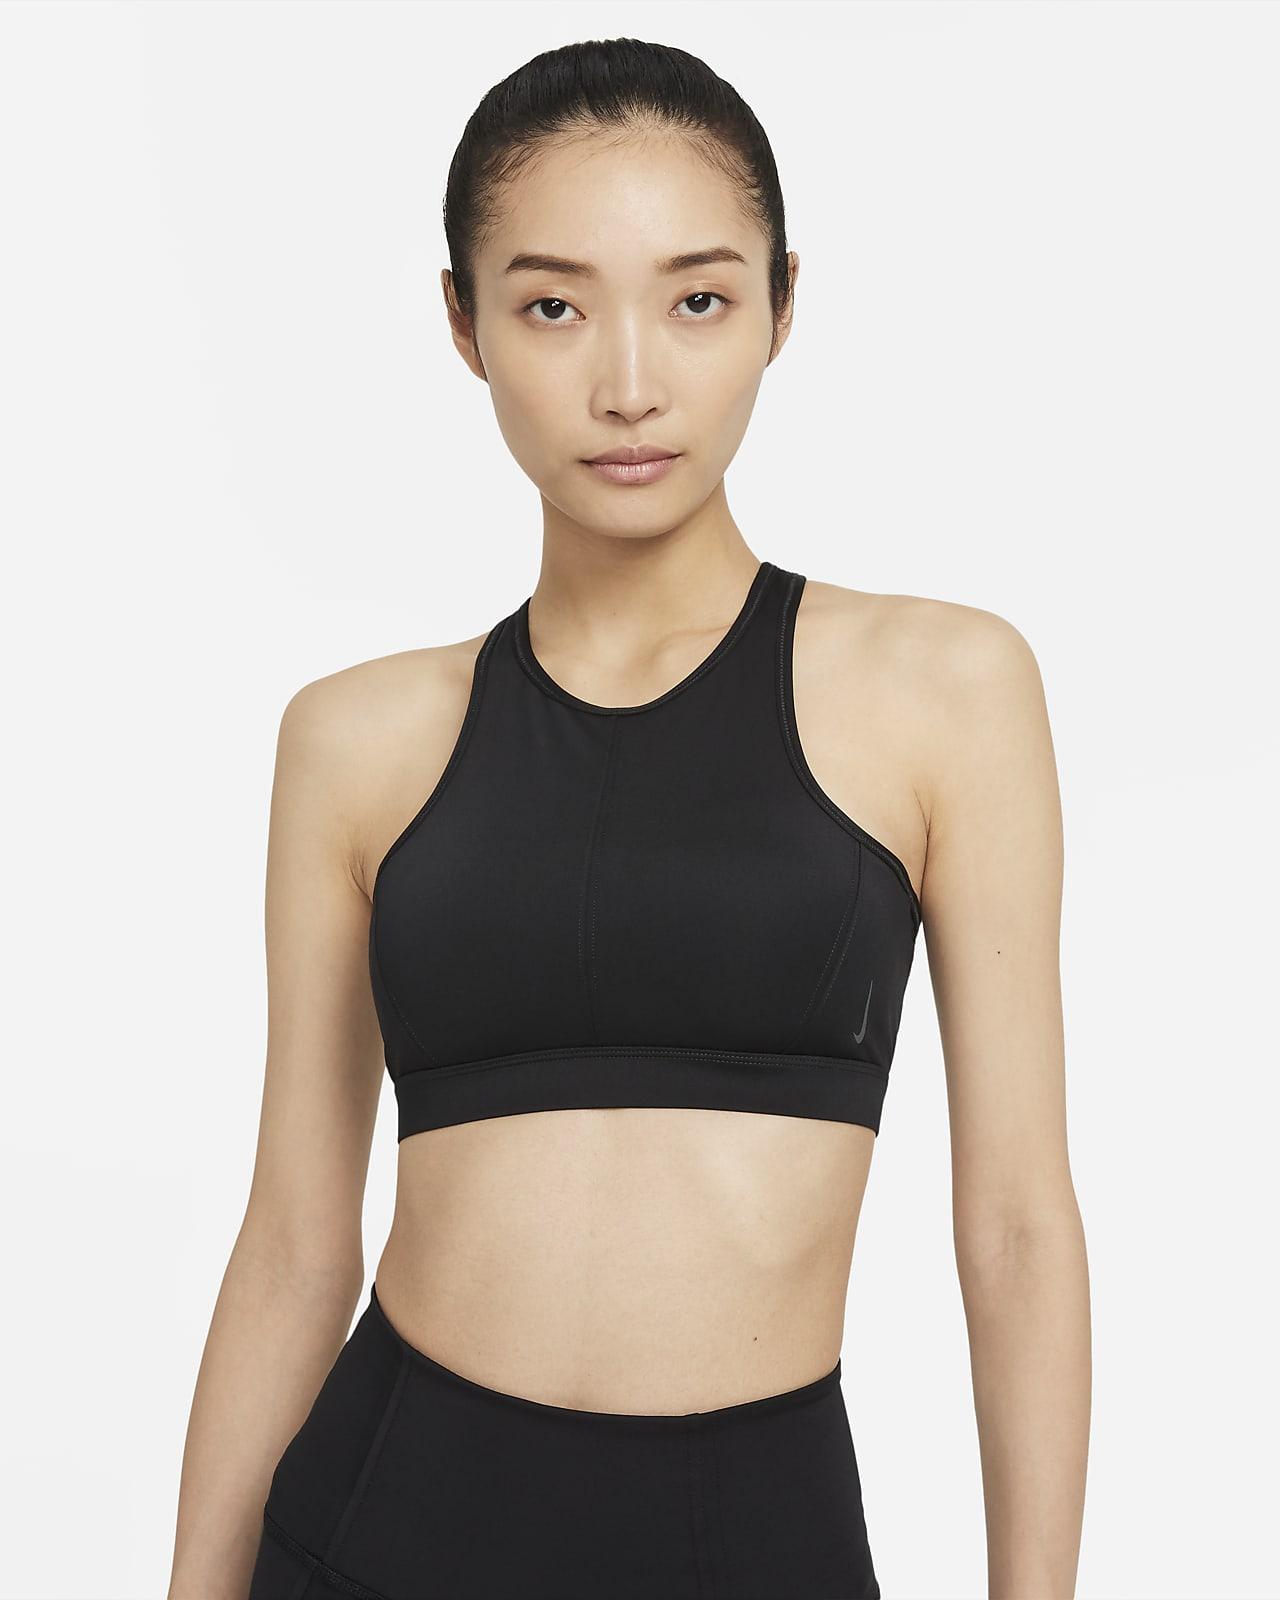 สปอร์ตบราผู้หญิงซัพพอร์ตระดับกลางคอสูงมีแผ่นฟองน้ำ 1 ชิ้น Nike Yoga Dri-FIT Swoosh